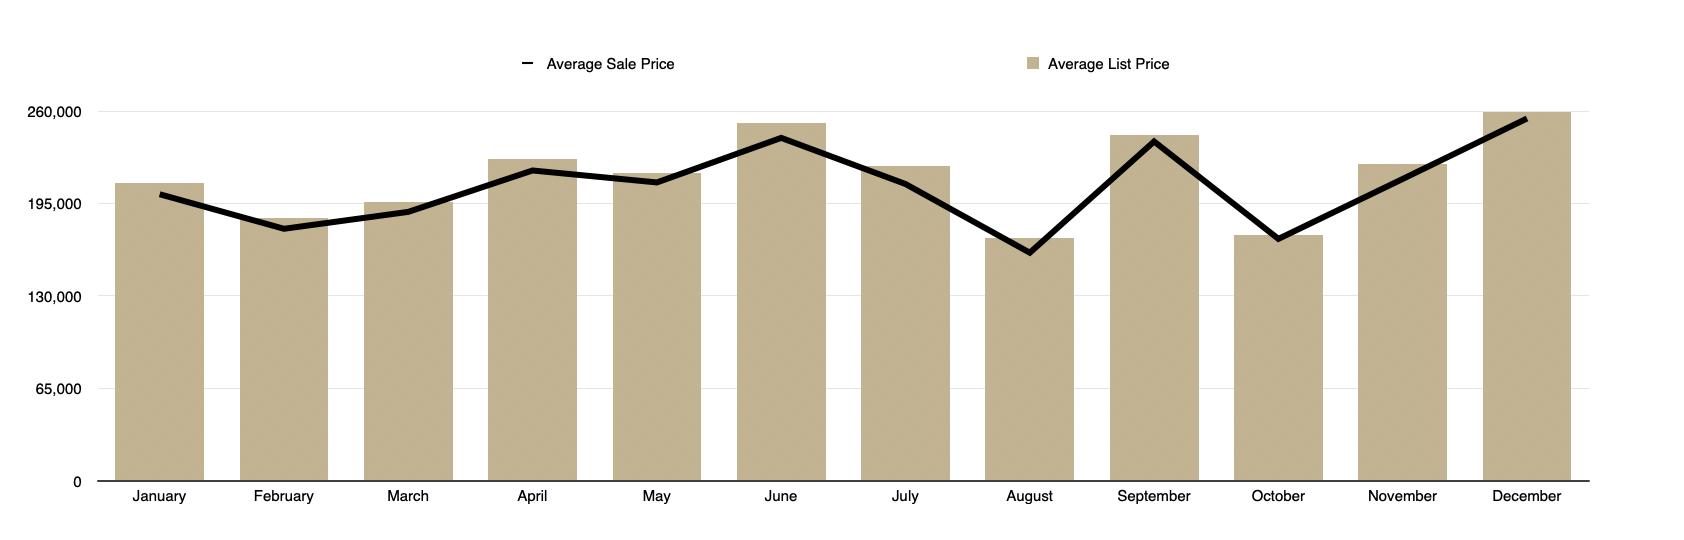 Condo - Average Sale vs Average List Price